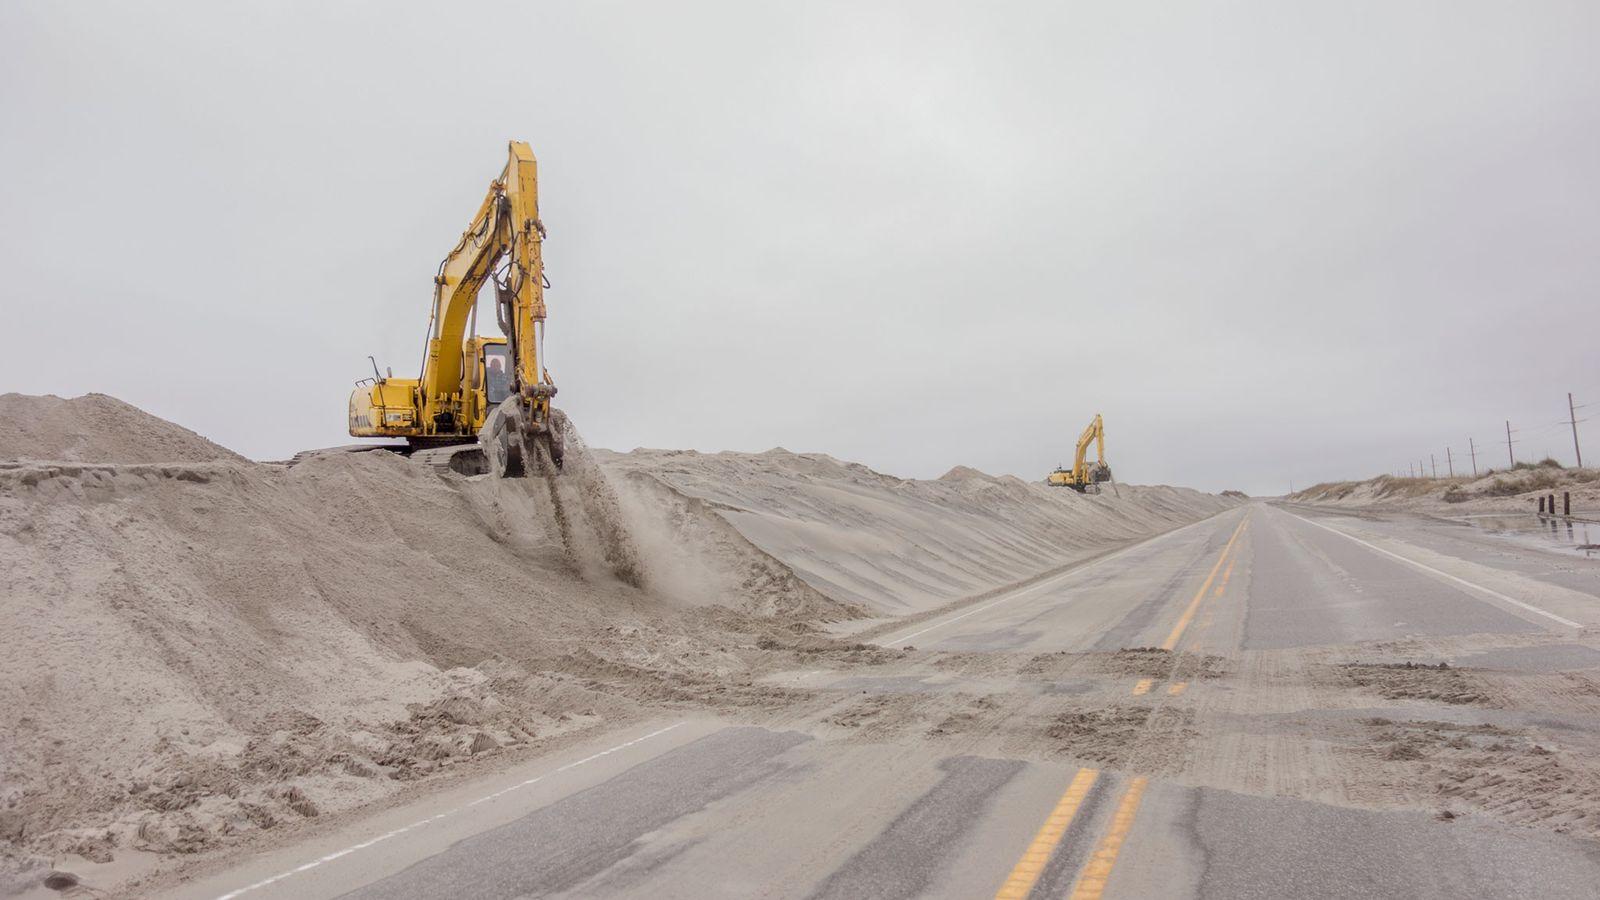 Vom Wind verwehter Sand am Cape Hatteras National Seashore sorgt regemäßig für Straßensperrungen und Aufräumaktionen. Der ...